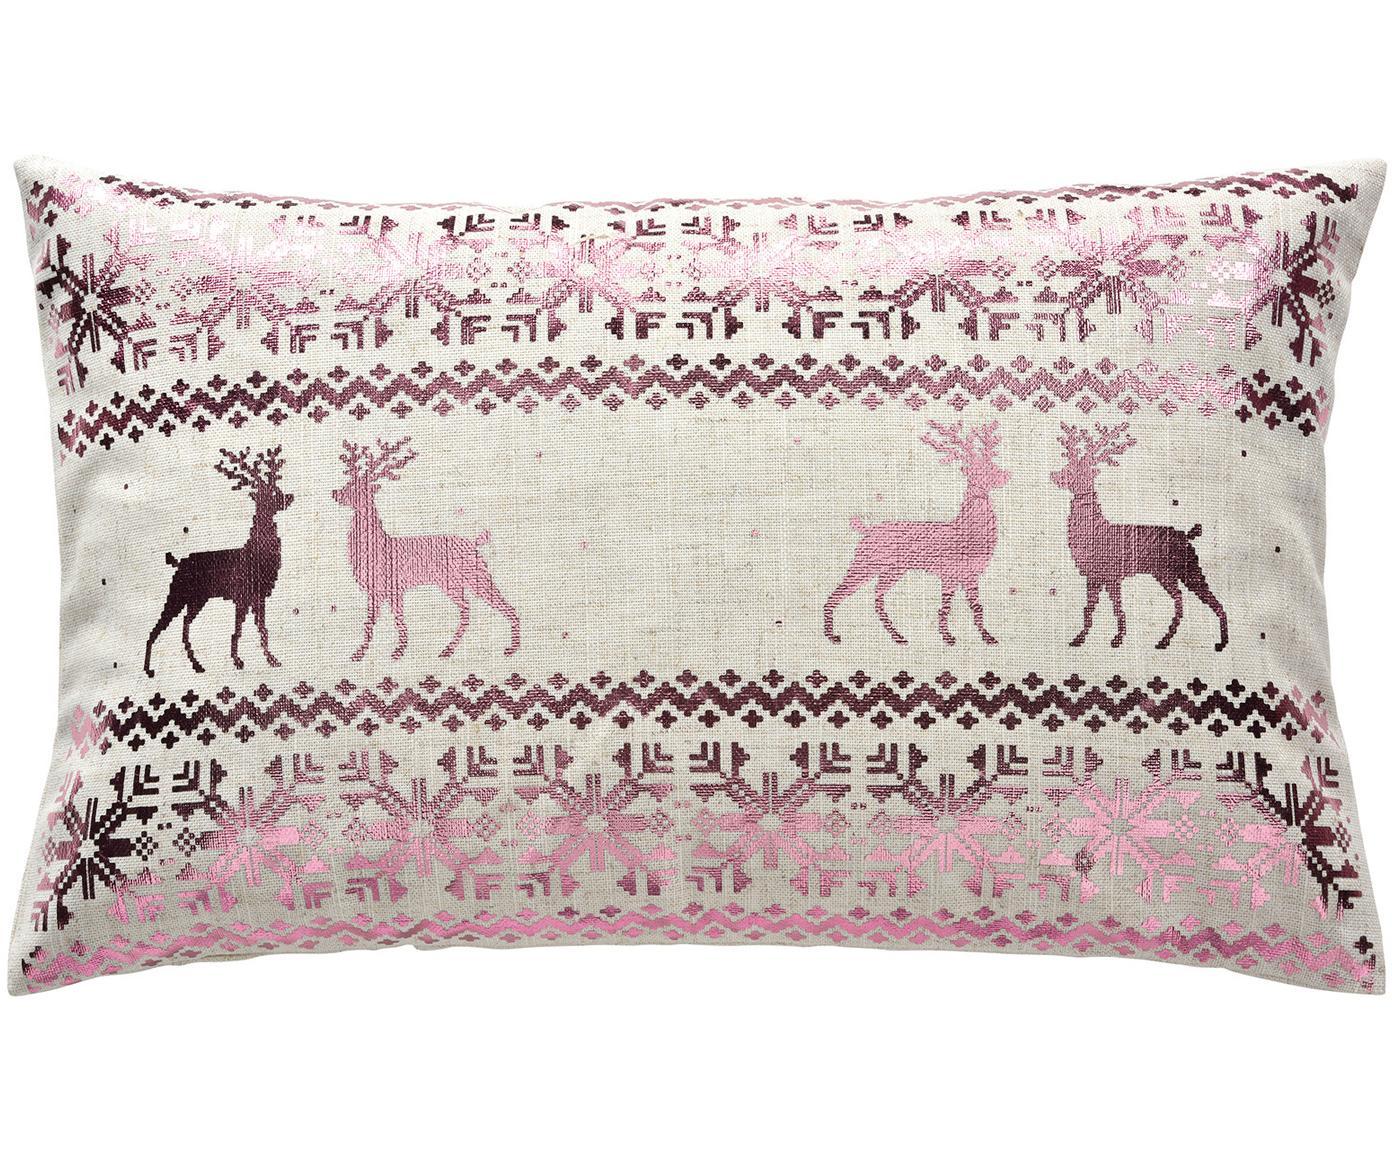 Kissenhülle Lodge mit glänzendem winterlichem Muster, 95% Polyester, 5% Leinen, Pink, Beige, 30 x 50 cm